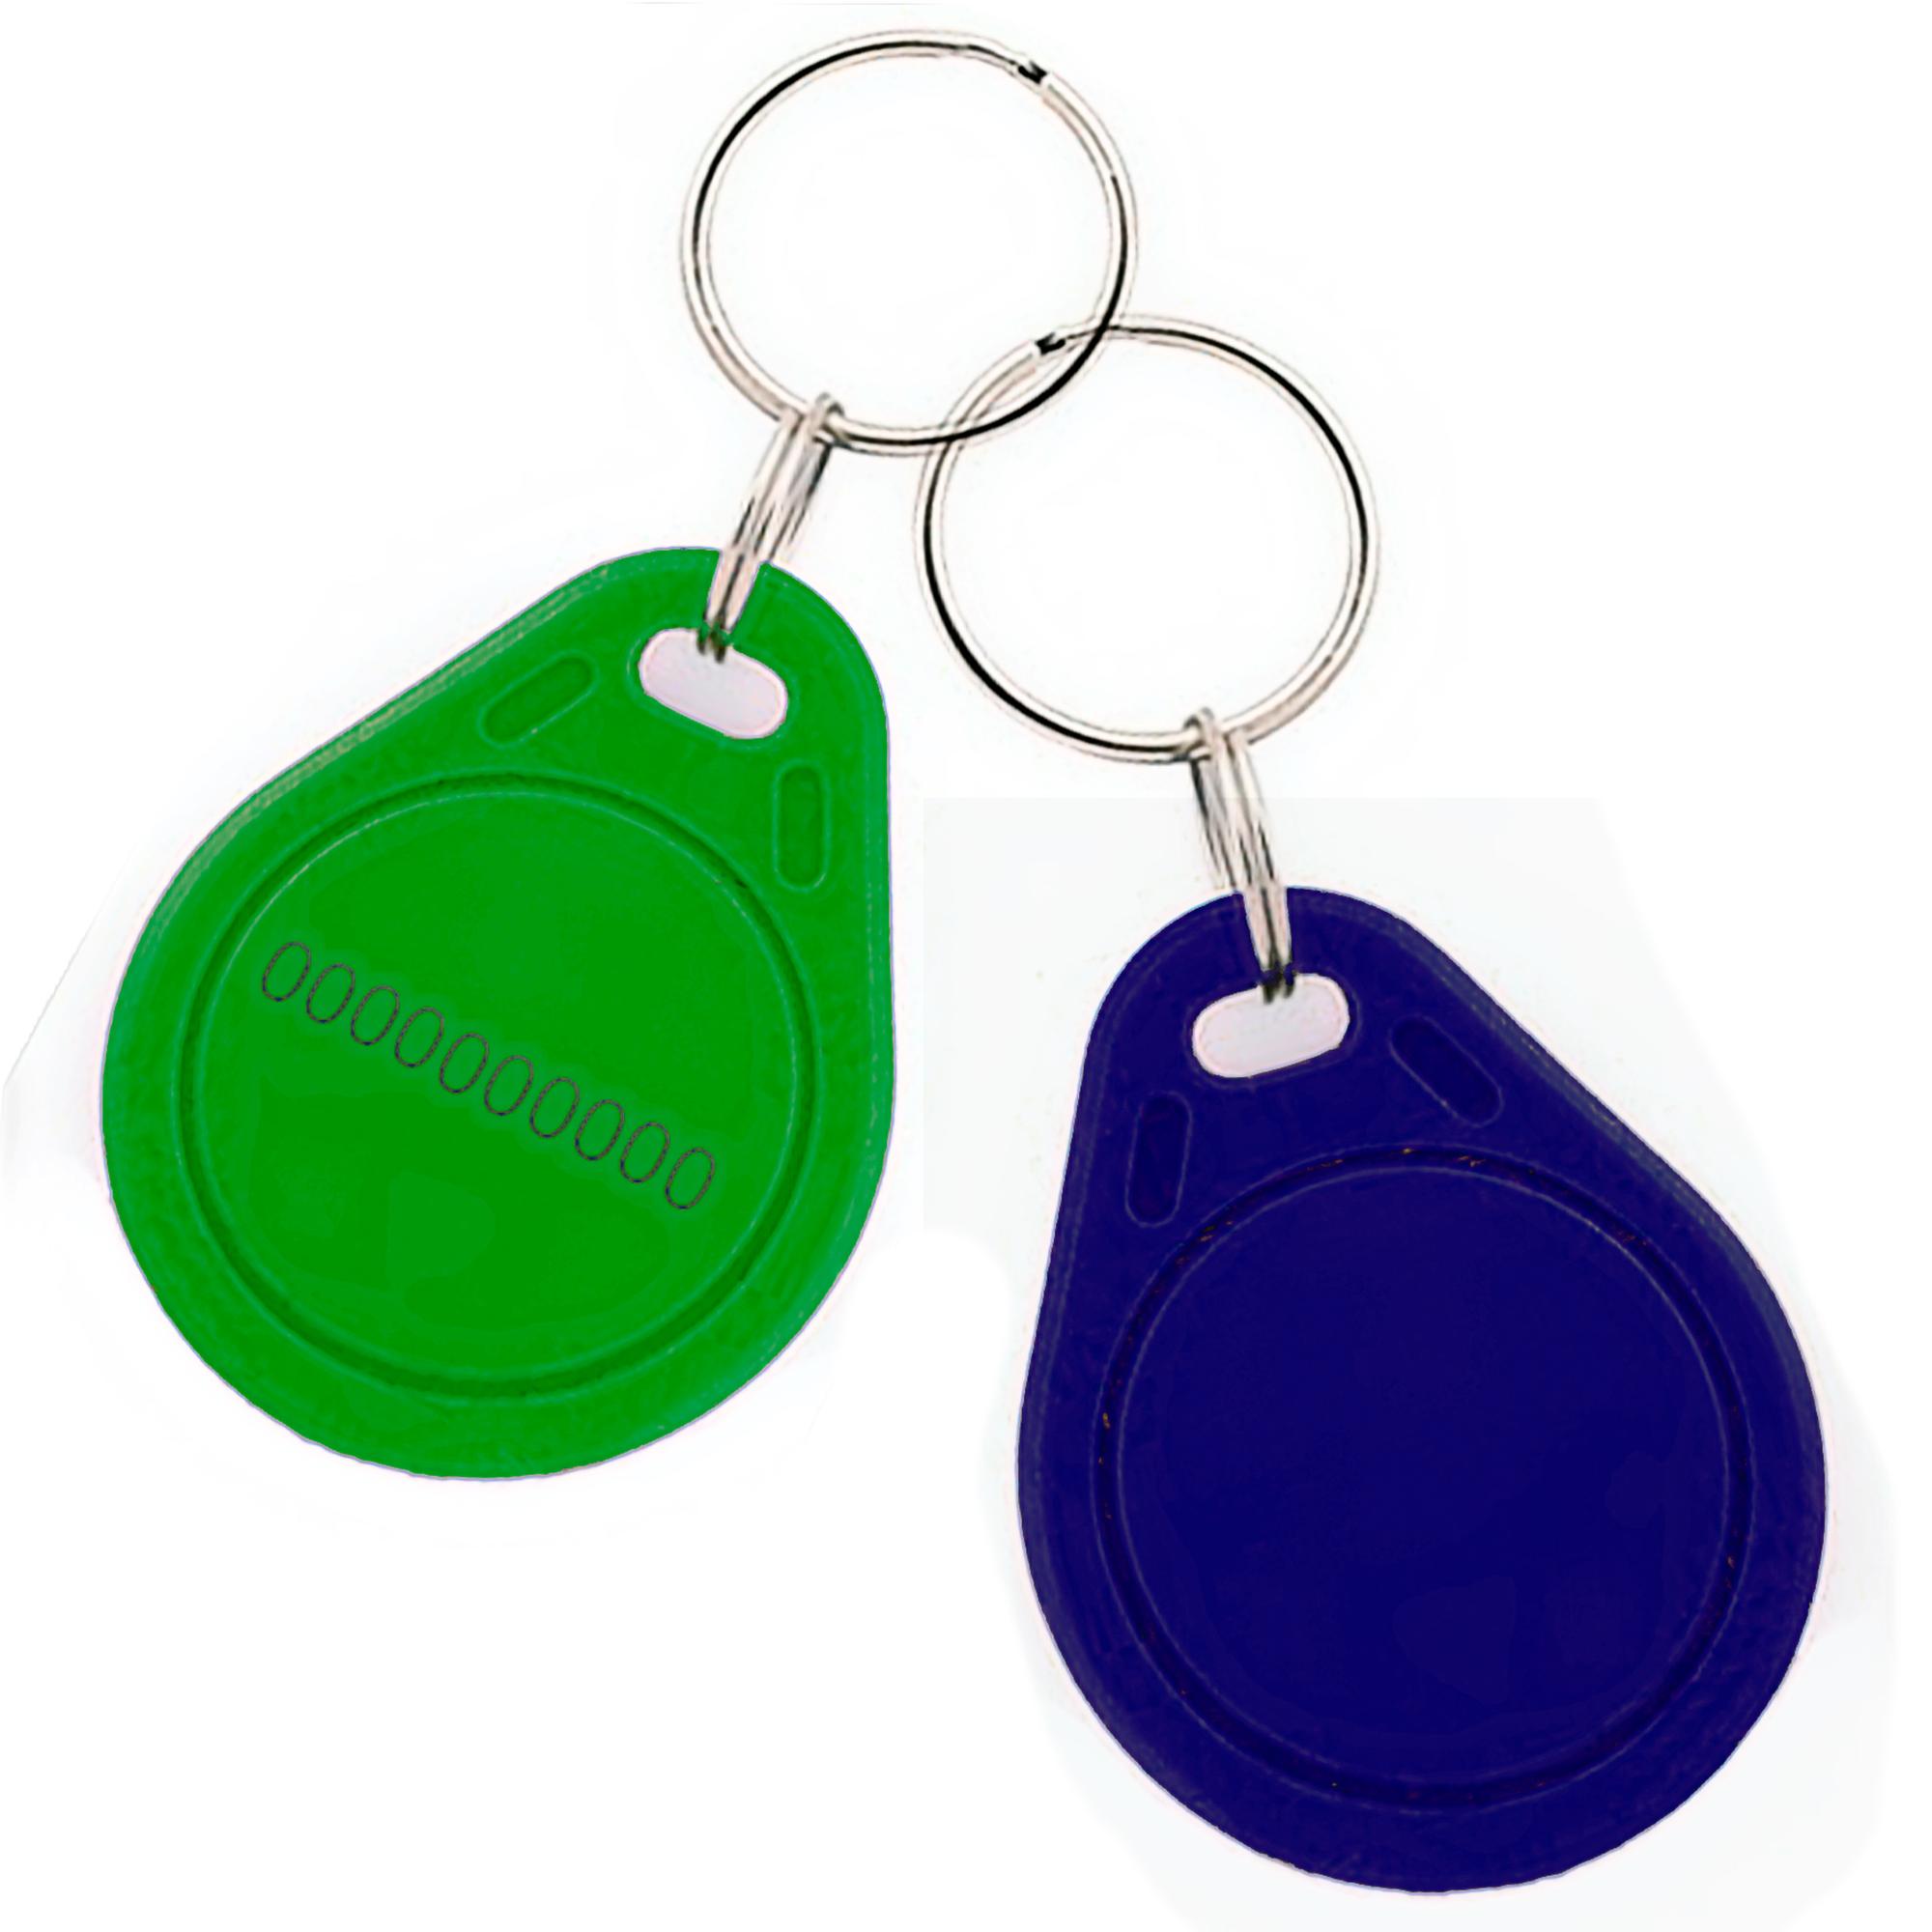 Бесконтактный плоский (под нанесение) RFID-брелок с чипом Atmel (Temic) T5557, T5577 с железным кольцом